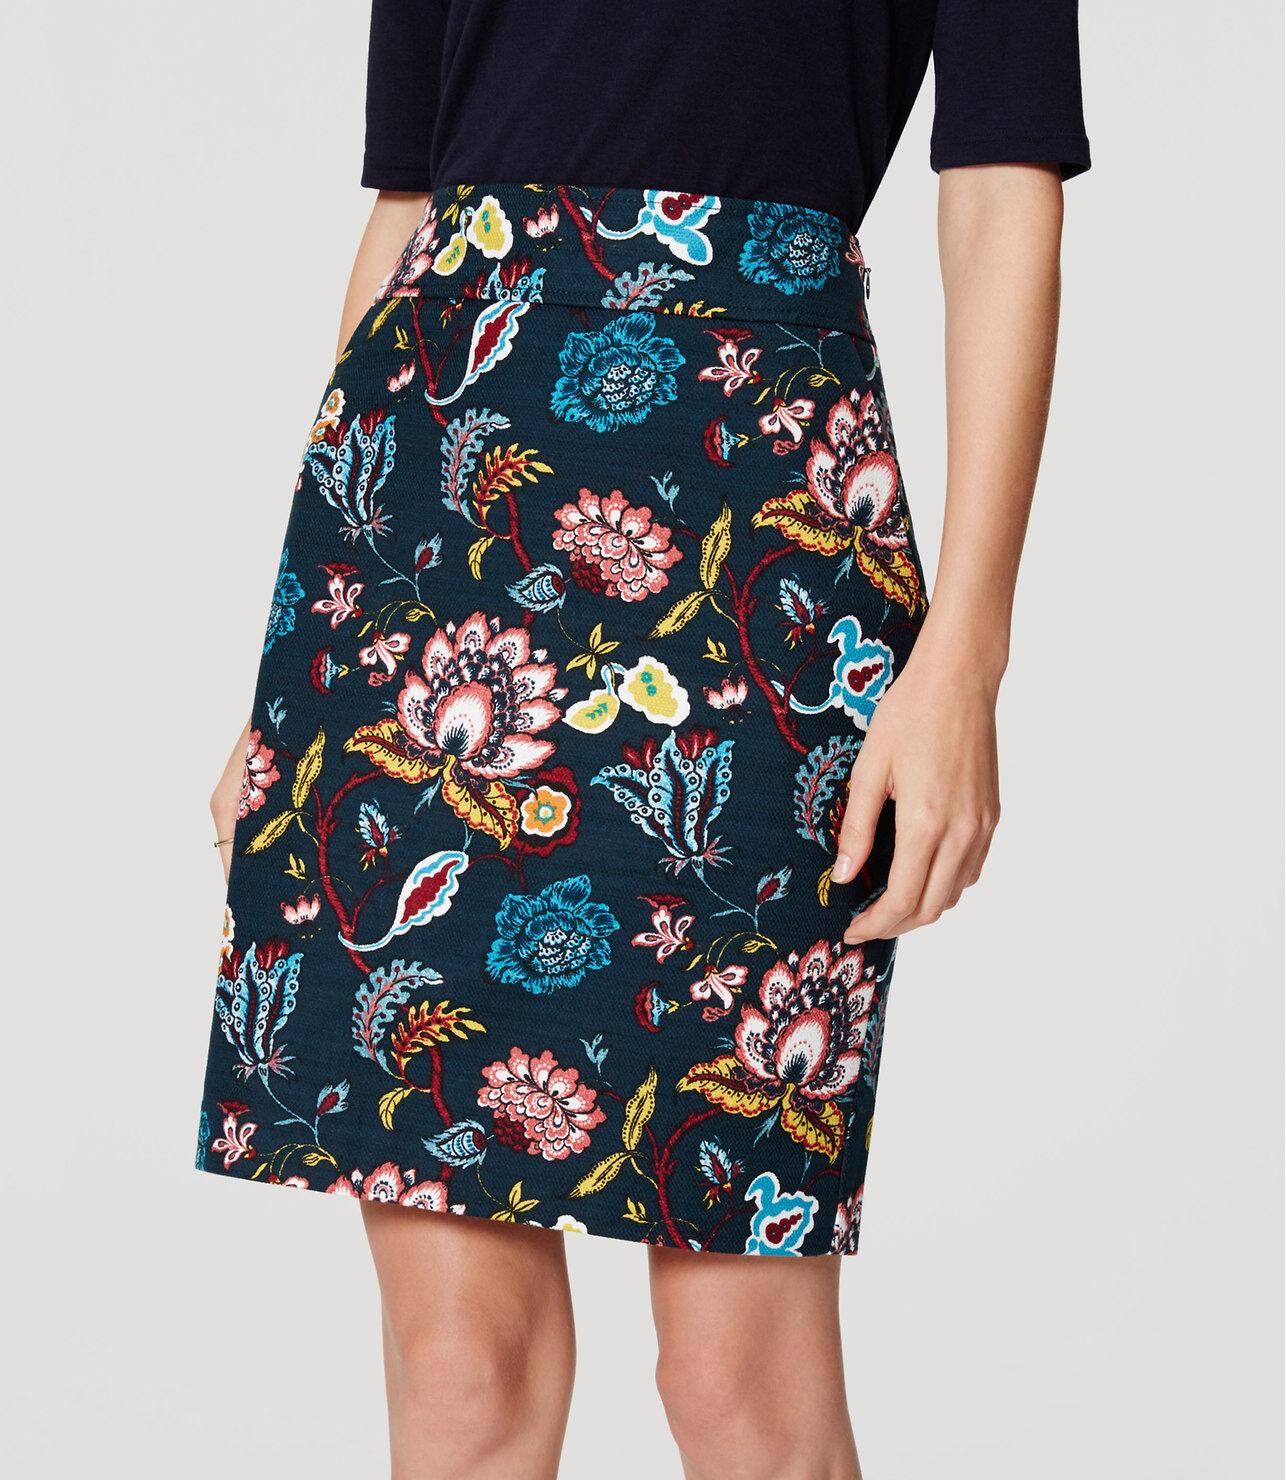 Ann Taylor LOFT Garden Pencil Skirt Size 0. 10 NWT Deep Sea Teal color